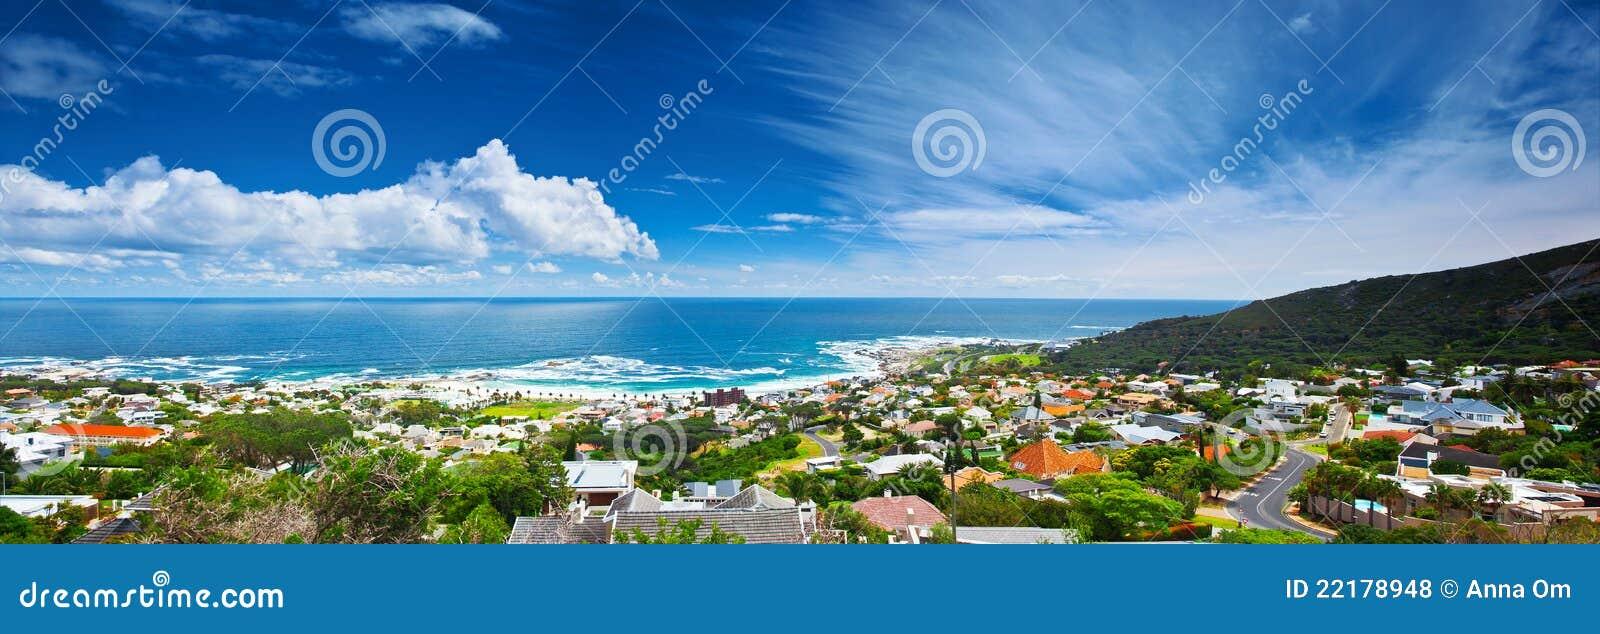 De stads panoramisch beeld van Kaapstad